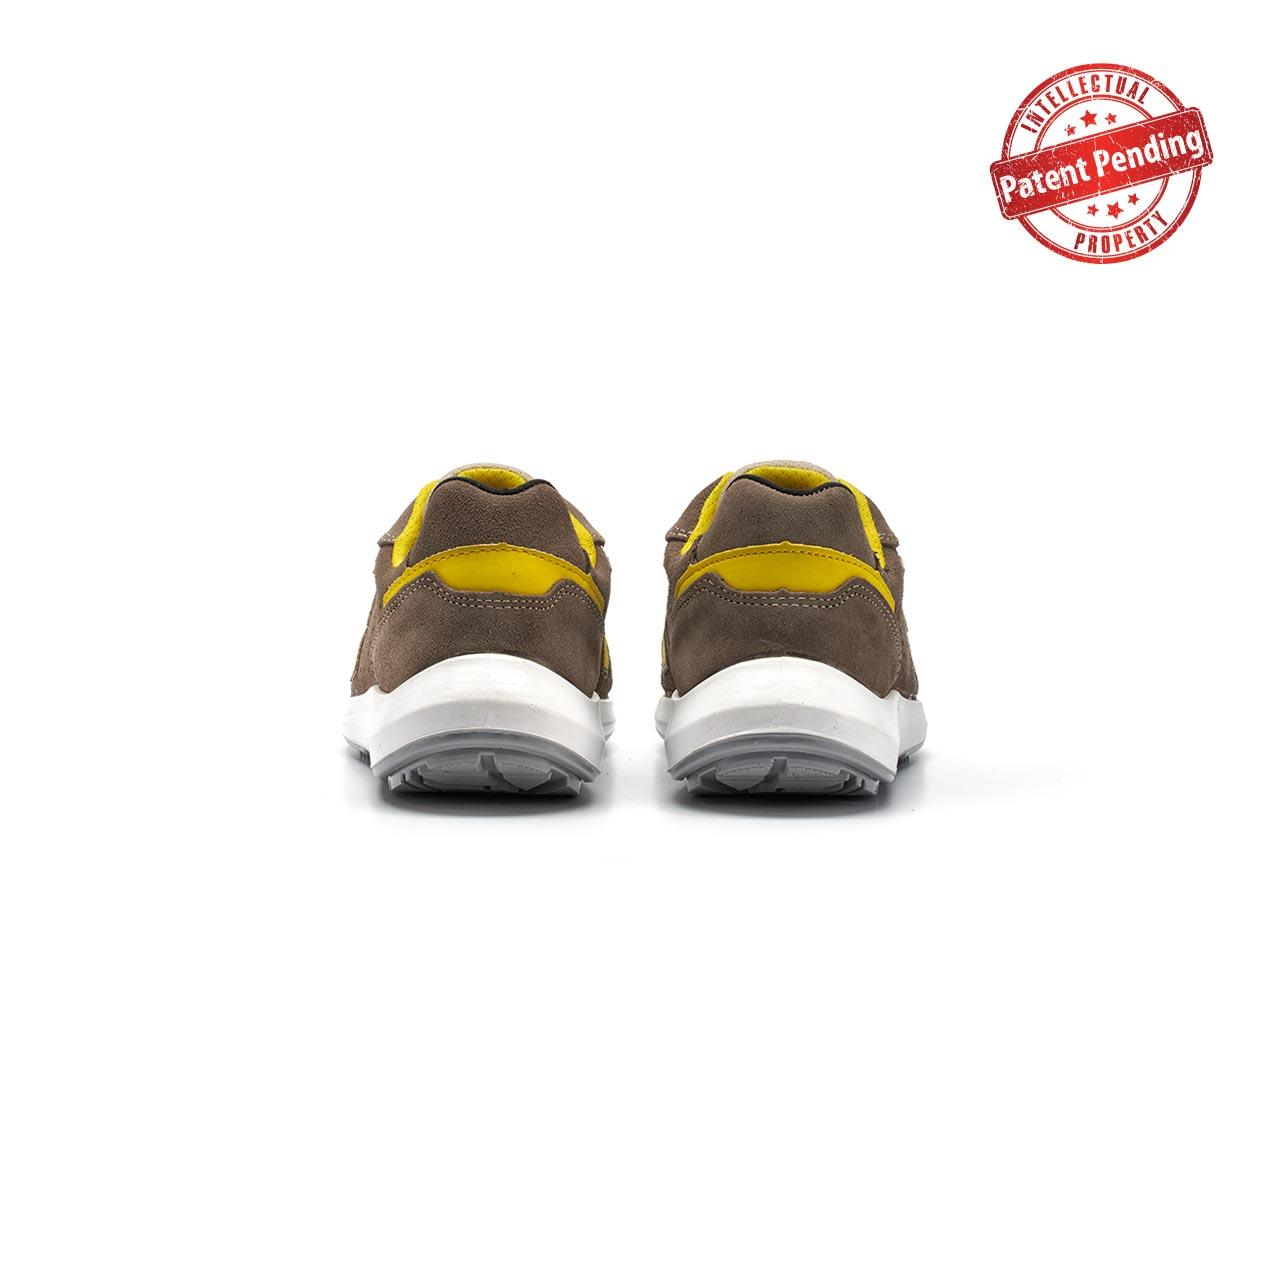 paio di scarpe antinfortunistiche upower modello dorado linea redup vista retro